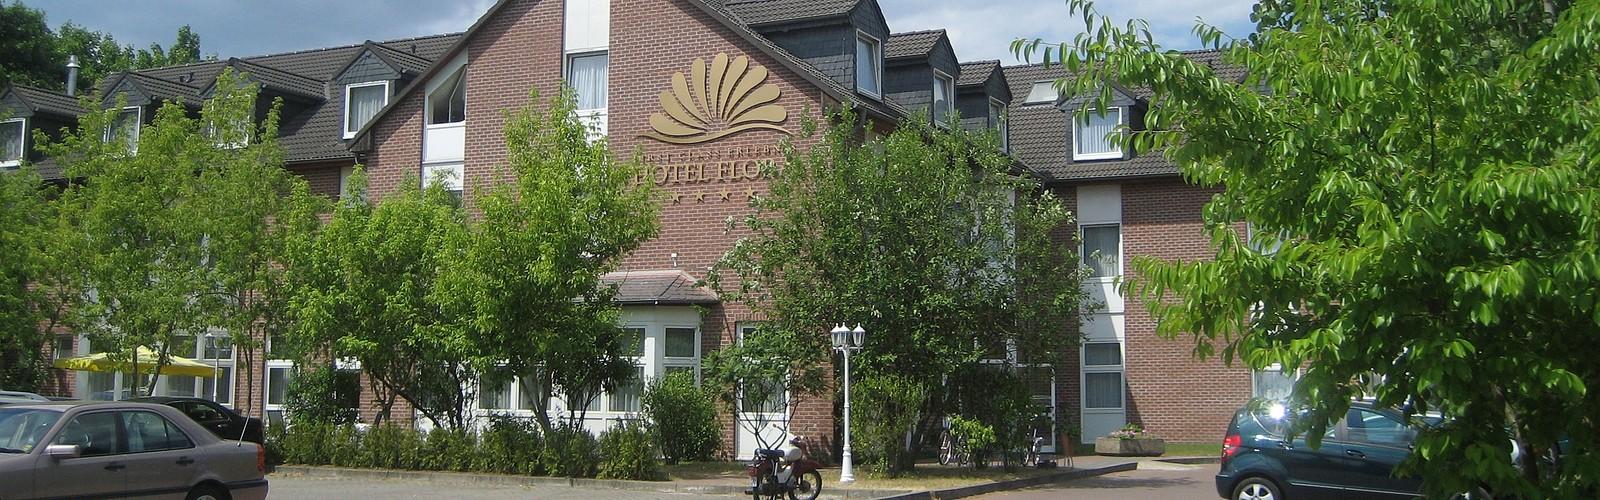 Foto: Hotel Flora